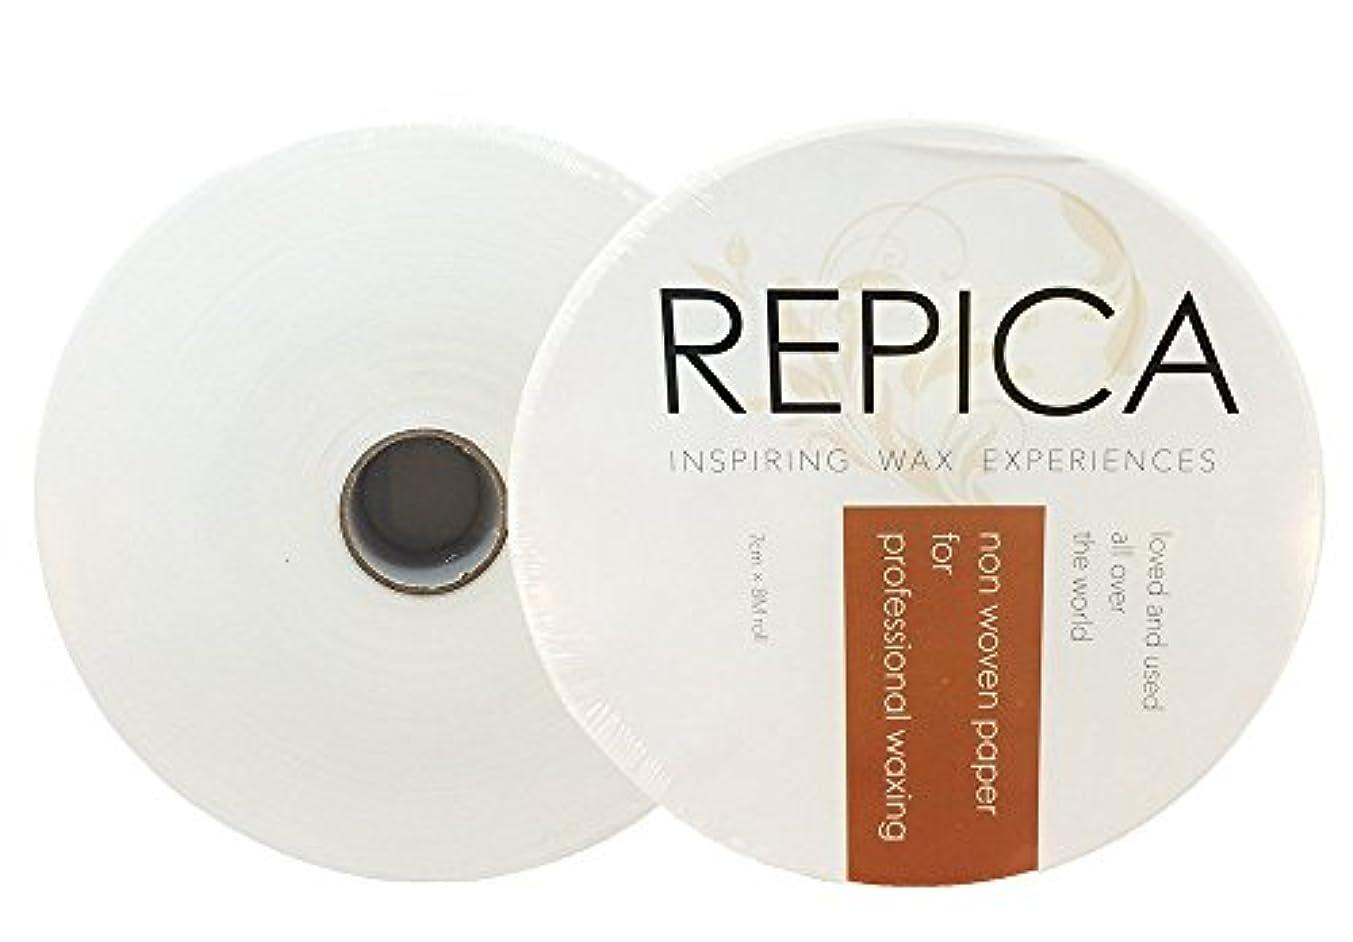 健康召喚する加速度REPICA ブラジリアンワックス脱毛 切取線入り ミシン目入りロールペーパー 7cmx100M 1個